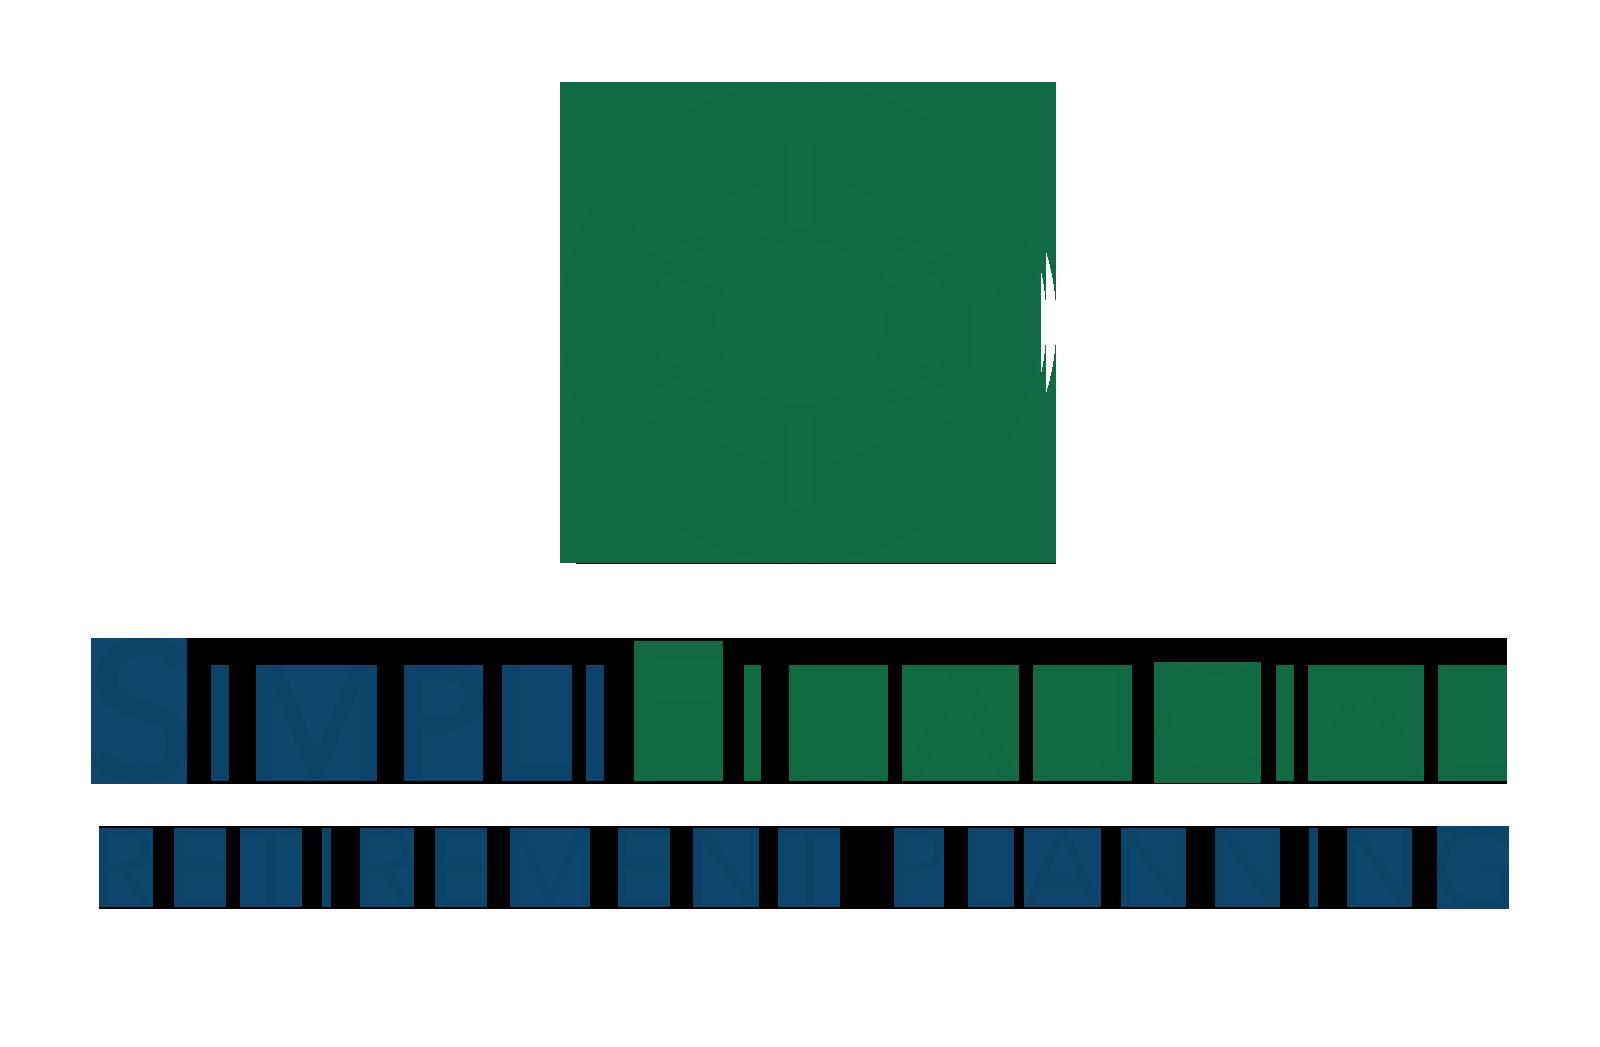 SimpliFinancial